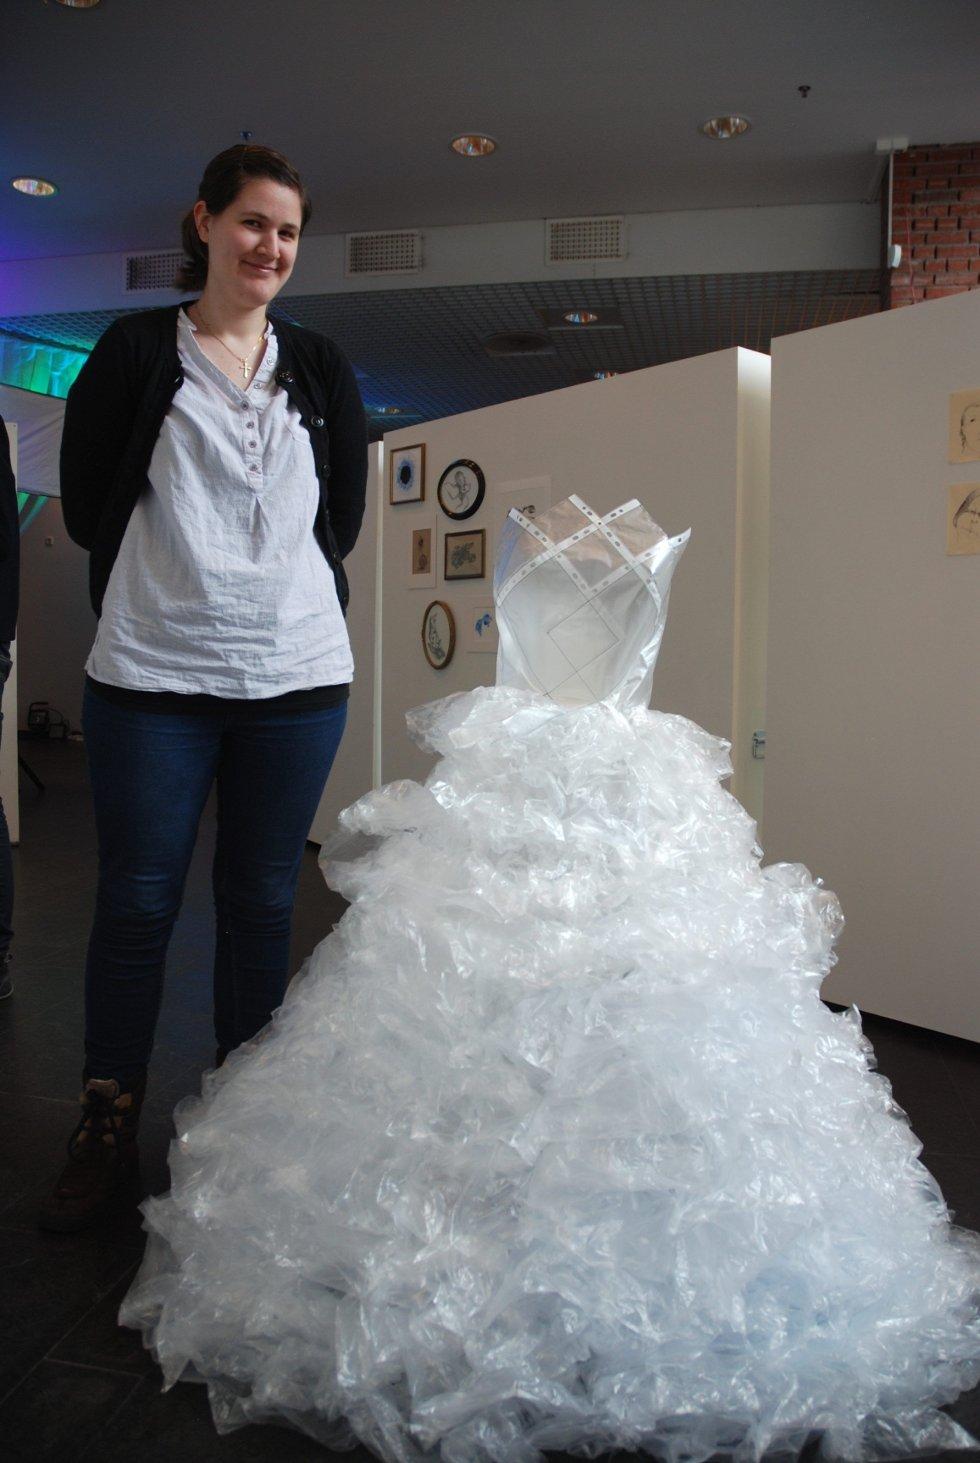 PLASTBRUD: Karen-Marie Stokke med sin brudekjole-kreasjon.